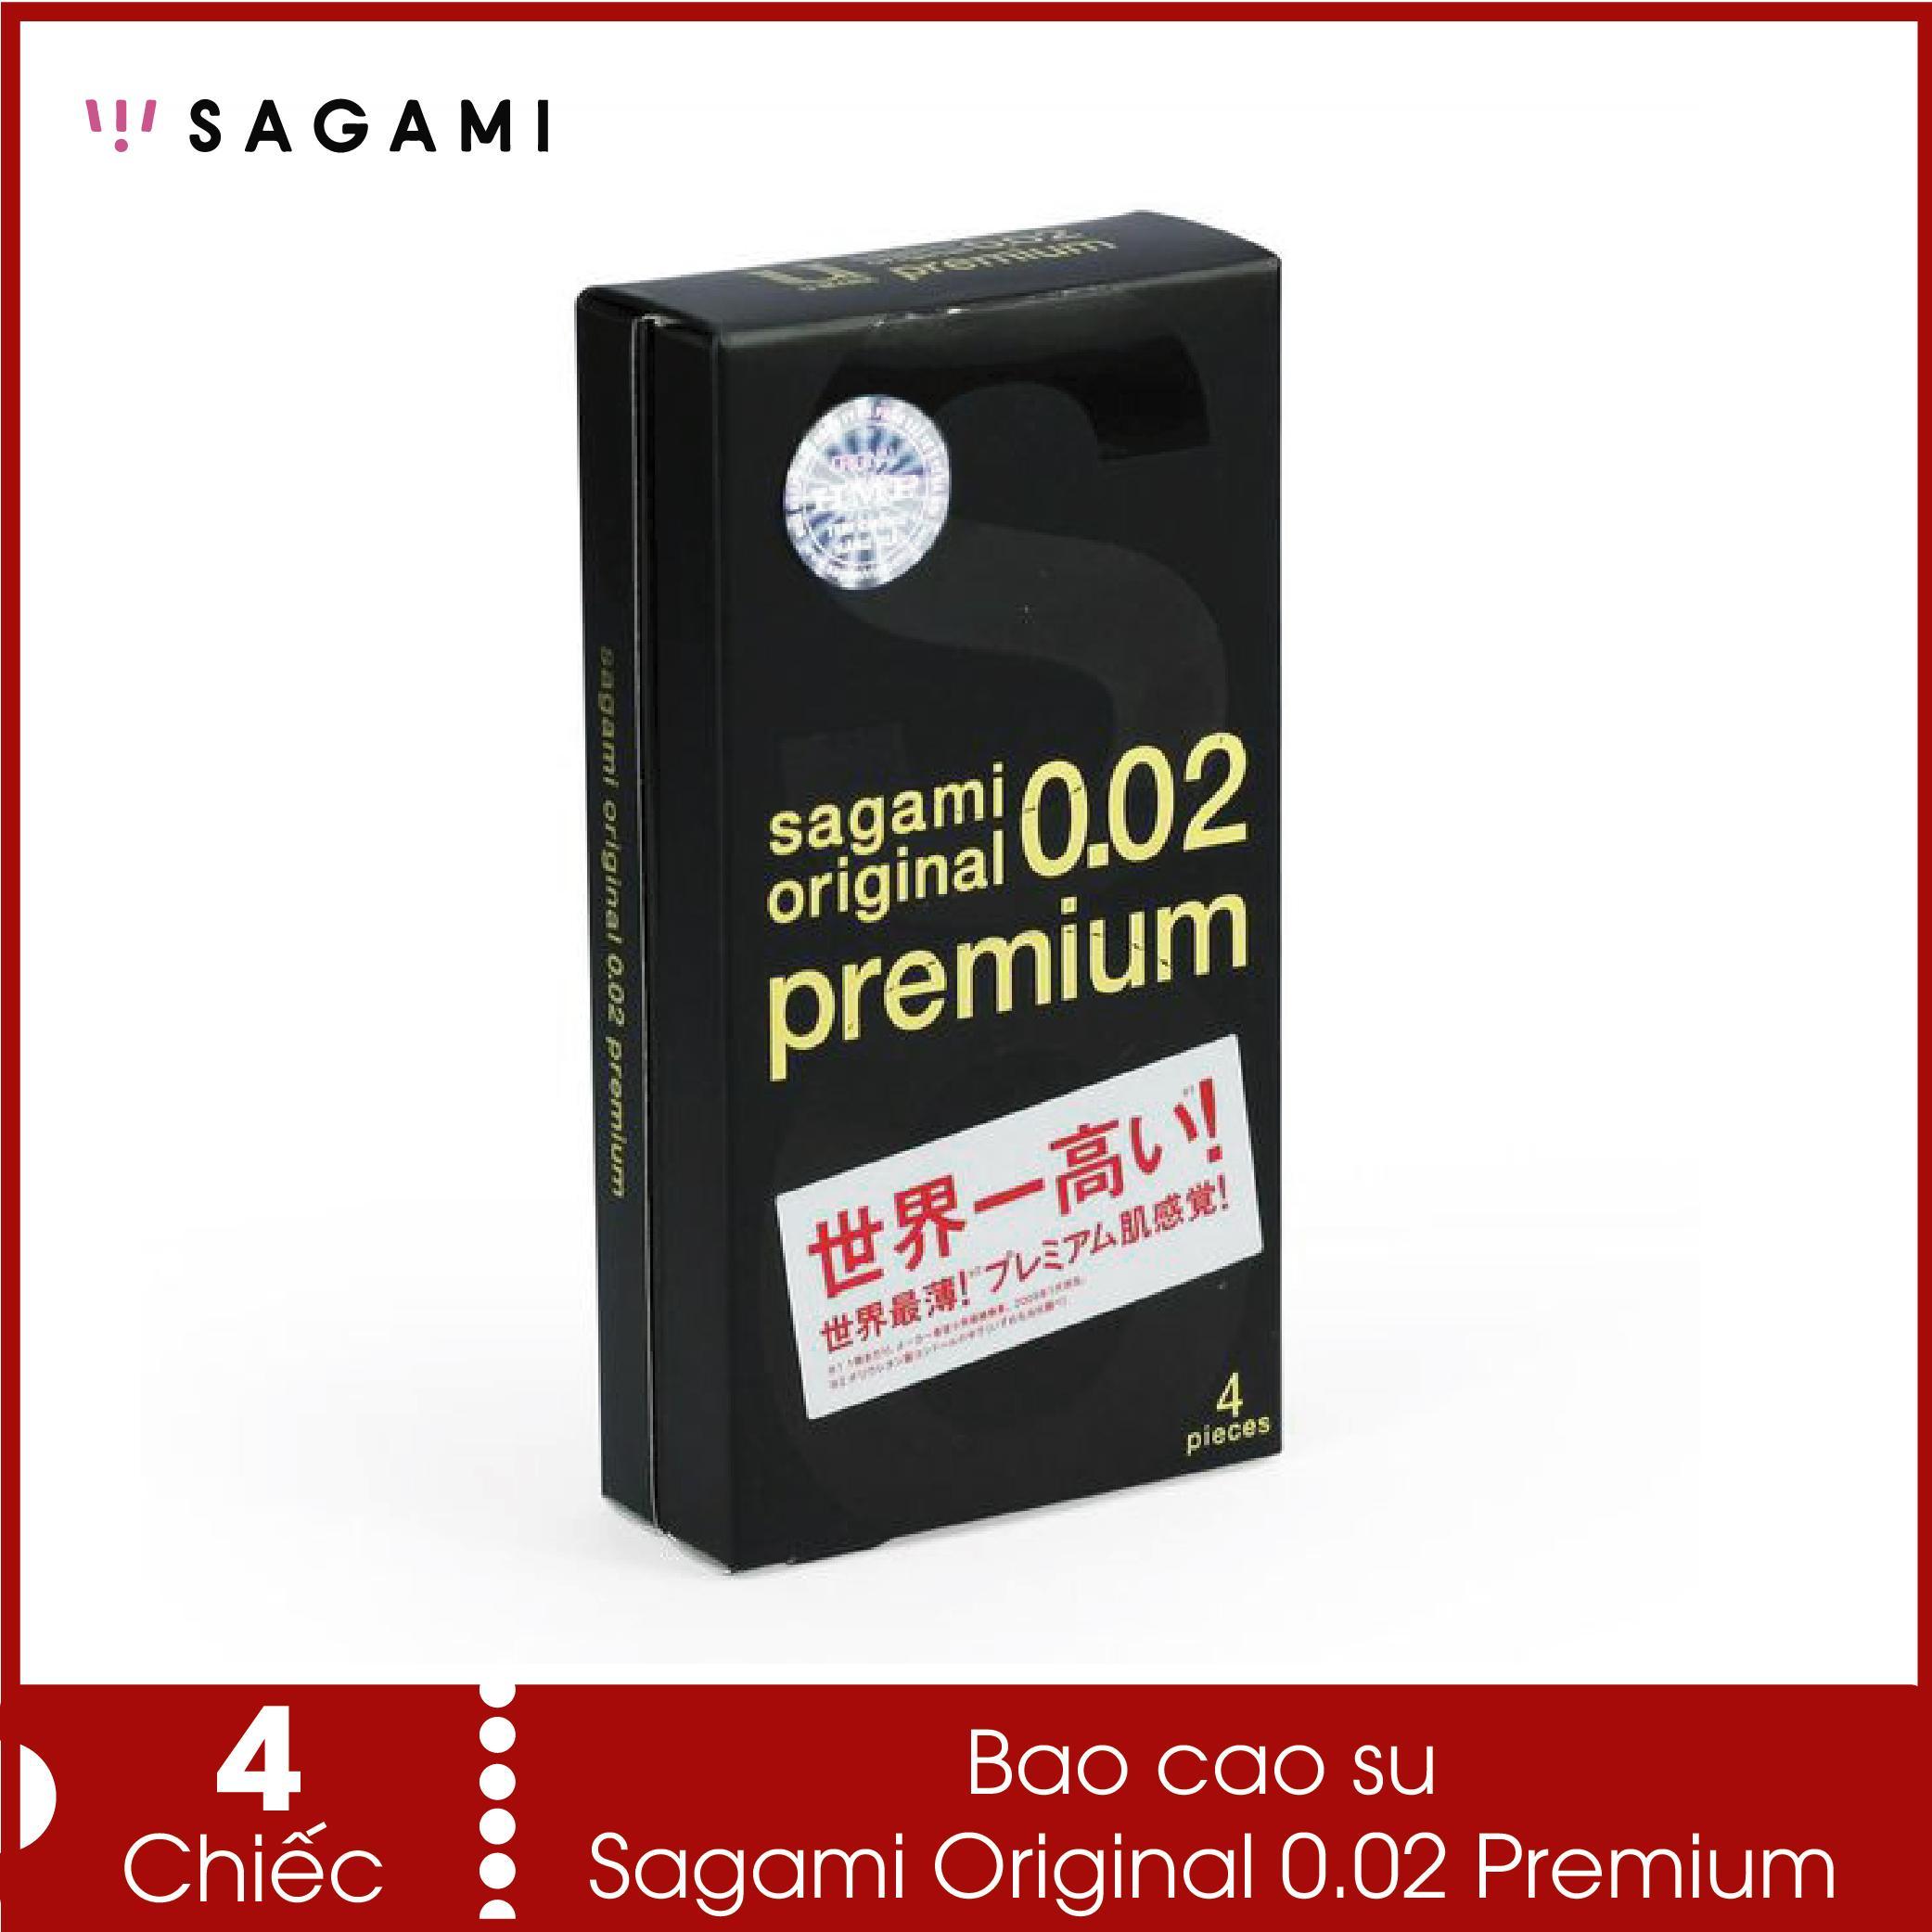 Bao cao su siêu mỏng Sagami Original 0.02 (hàng cao cấp) - Siêu mỏng, chịu lực gấp 3 lần không lo bị rách